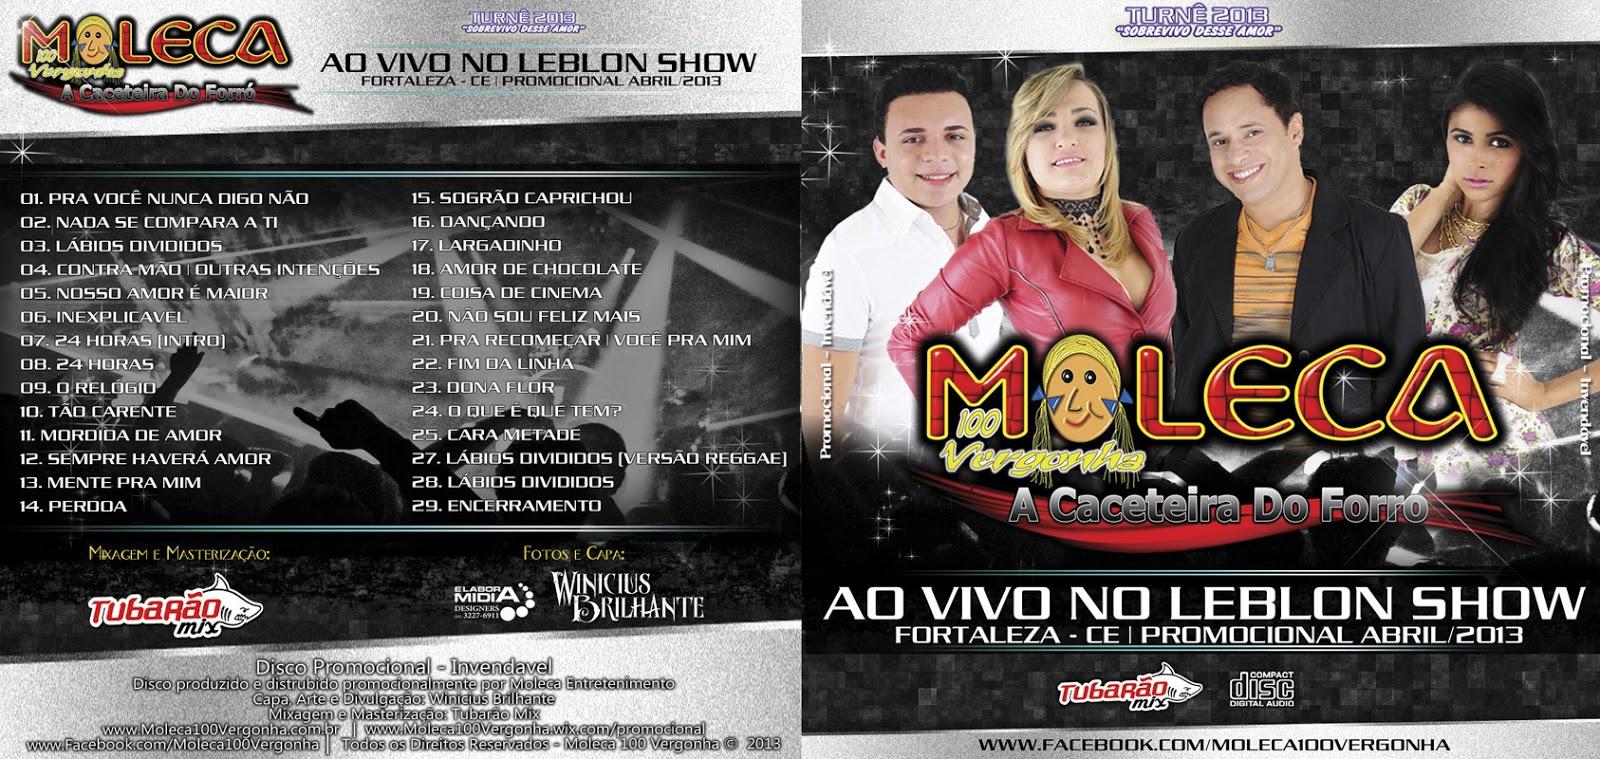 Moleca 100 Vergonha – Ao Vivo no Leblon Show – CD | ftpcd